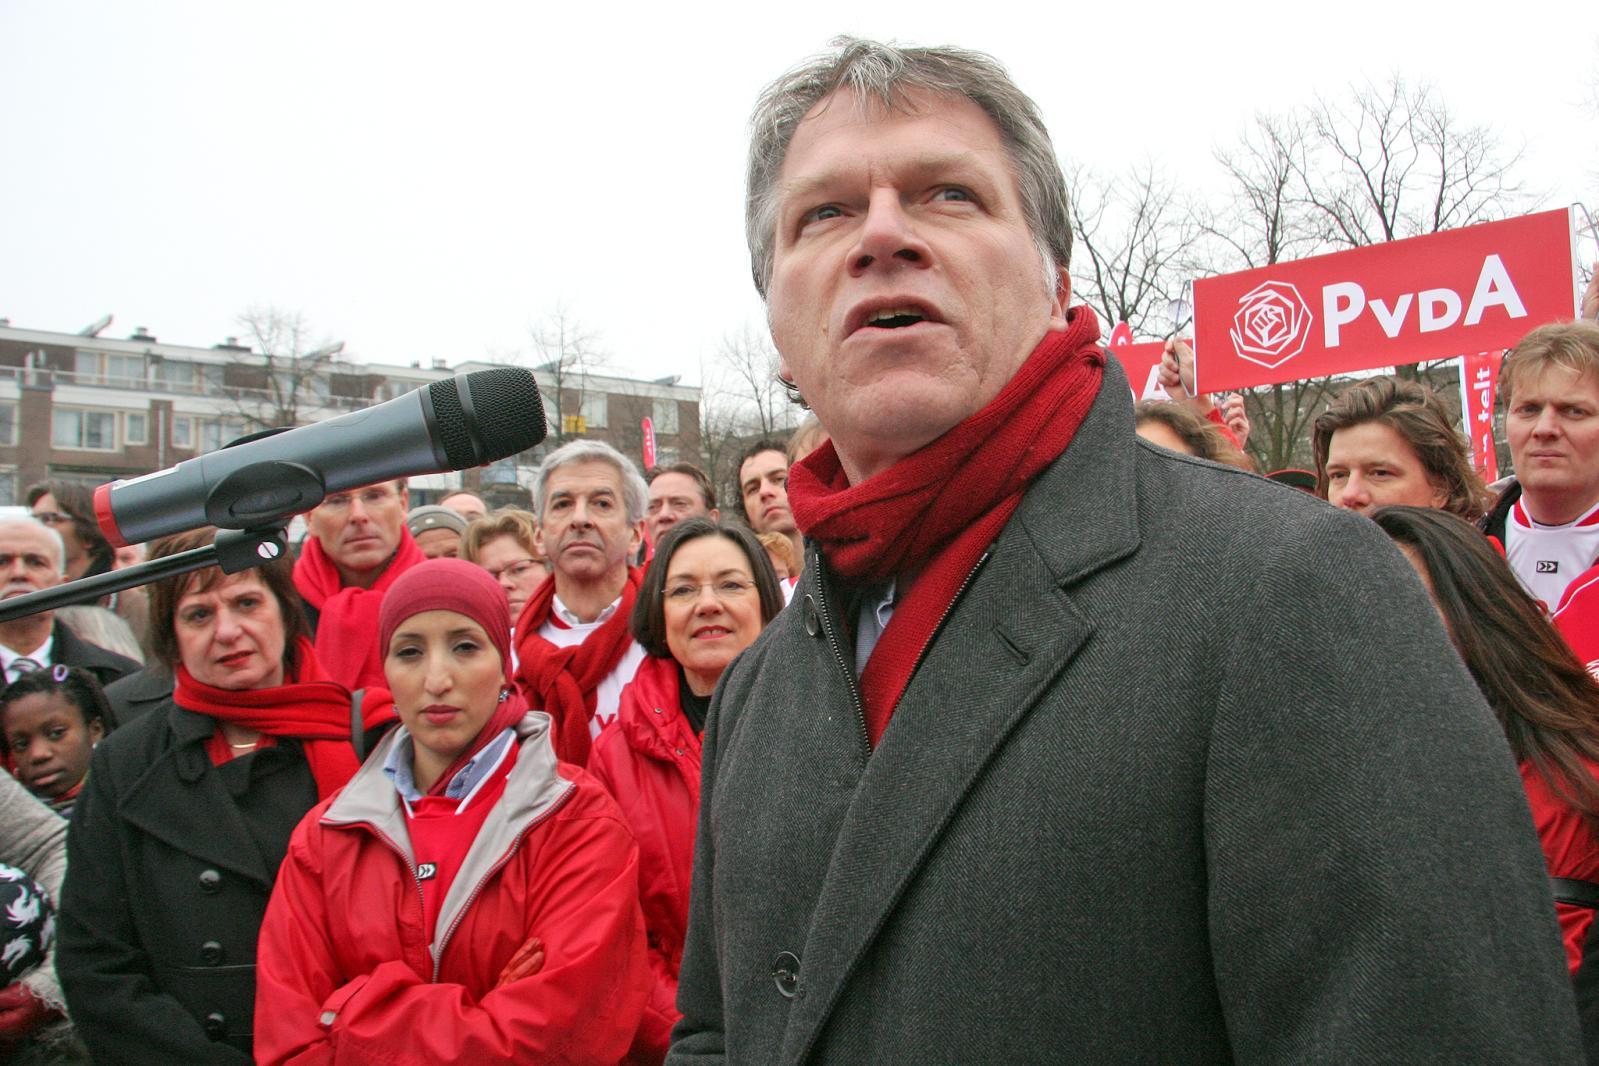 Wouter Bos [Partij van de Arbeid/Flickr]